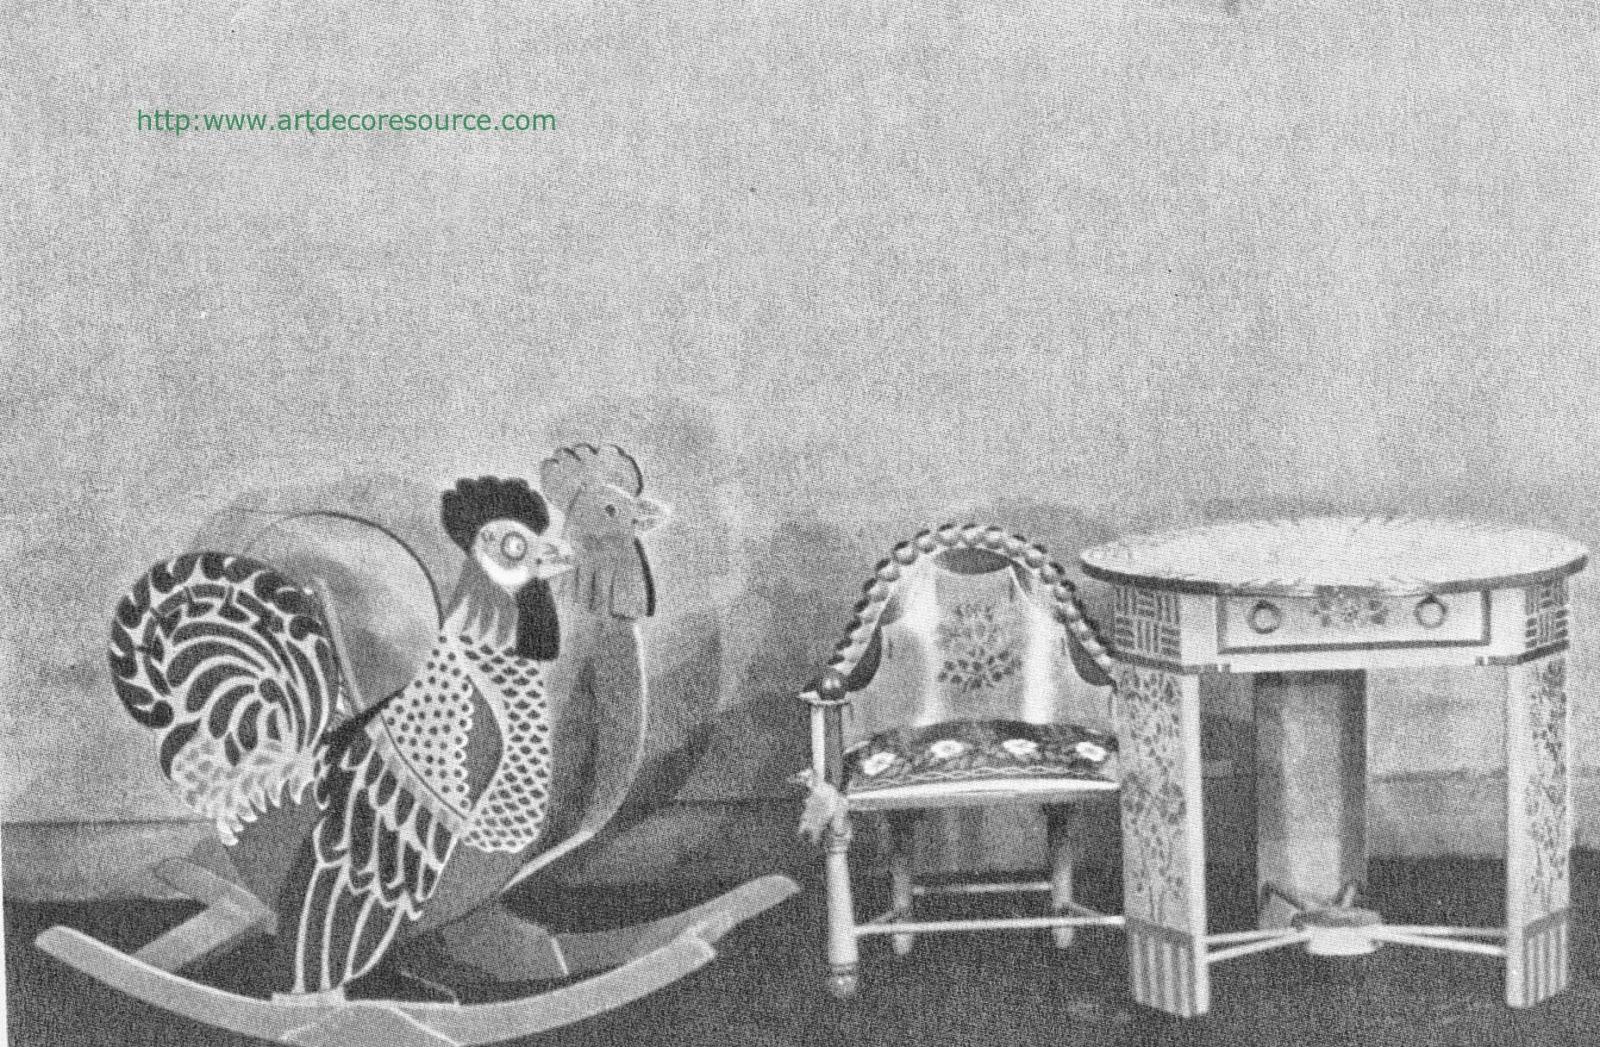 1925 encyclopedie des arts decoratifs et industriels modernes l 39 atelier des mutiles de la. Black Bedroom Furniture Sets. Home Design Ideas